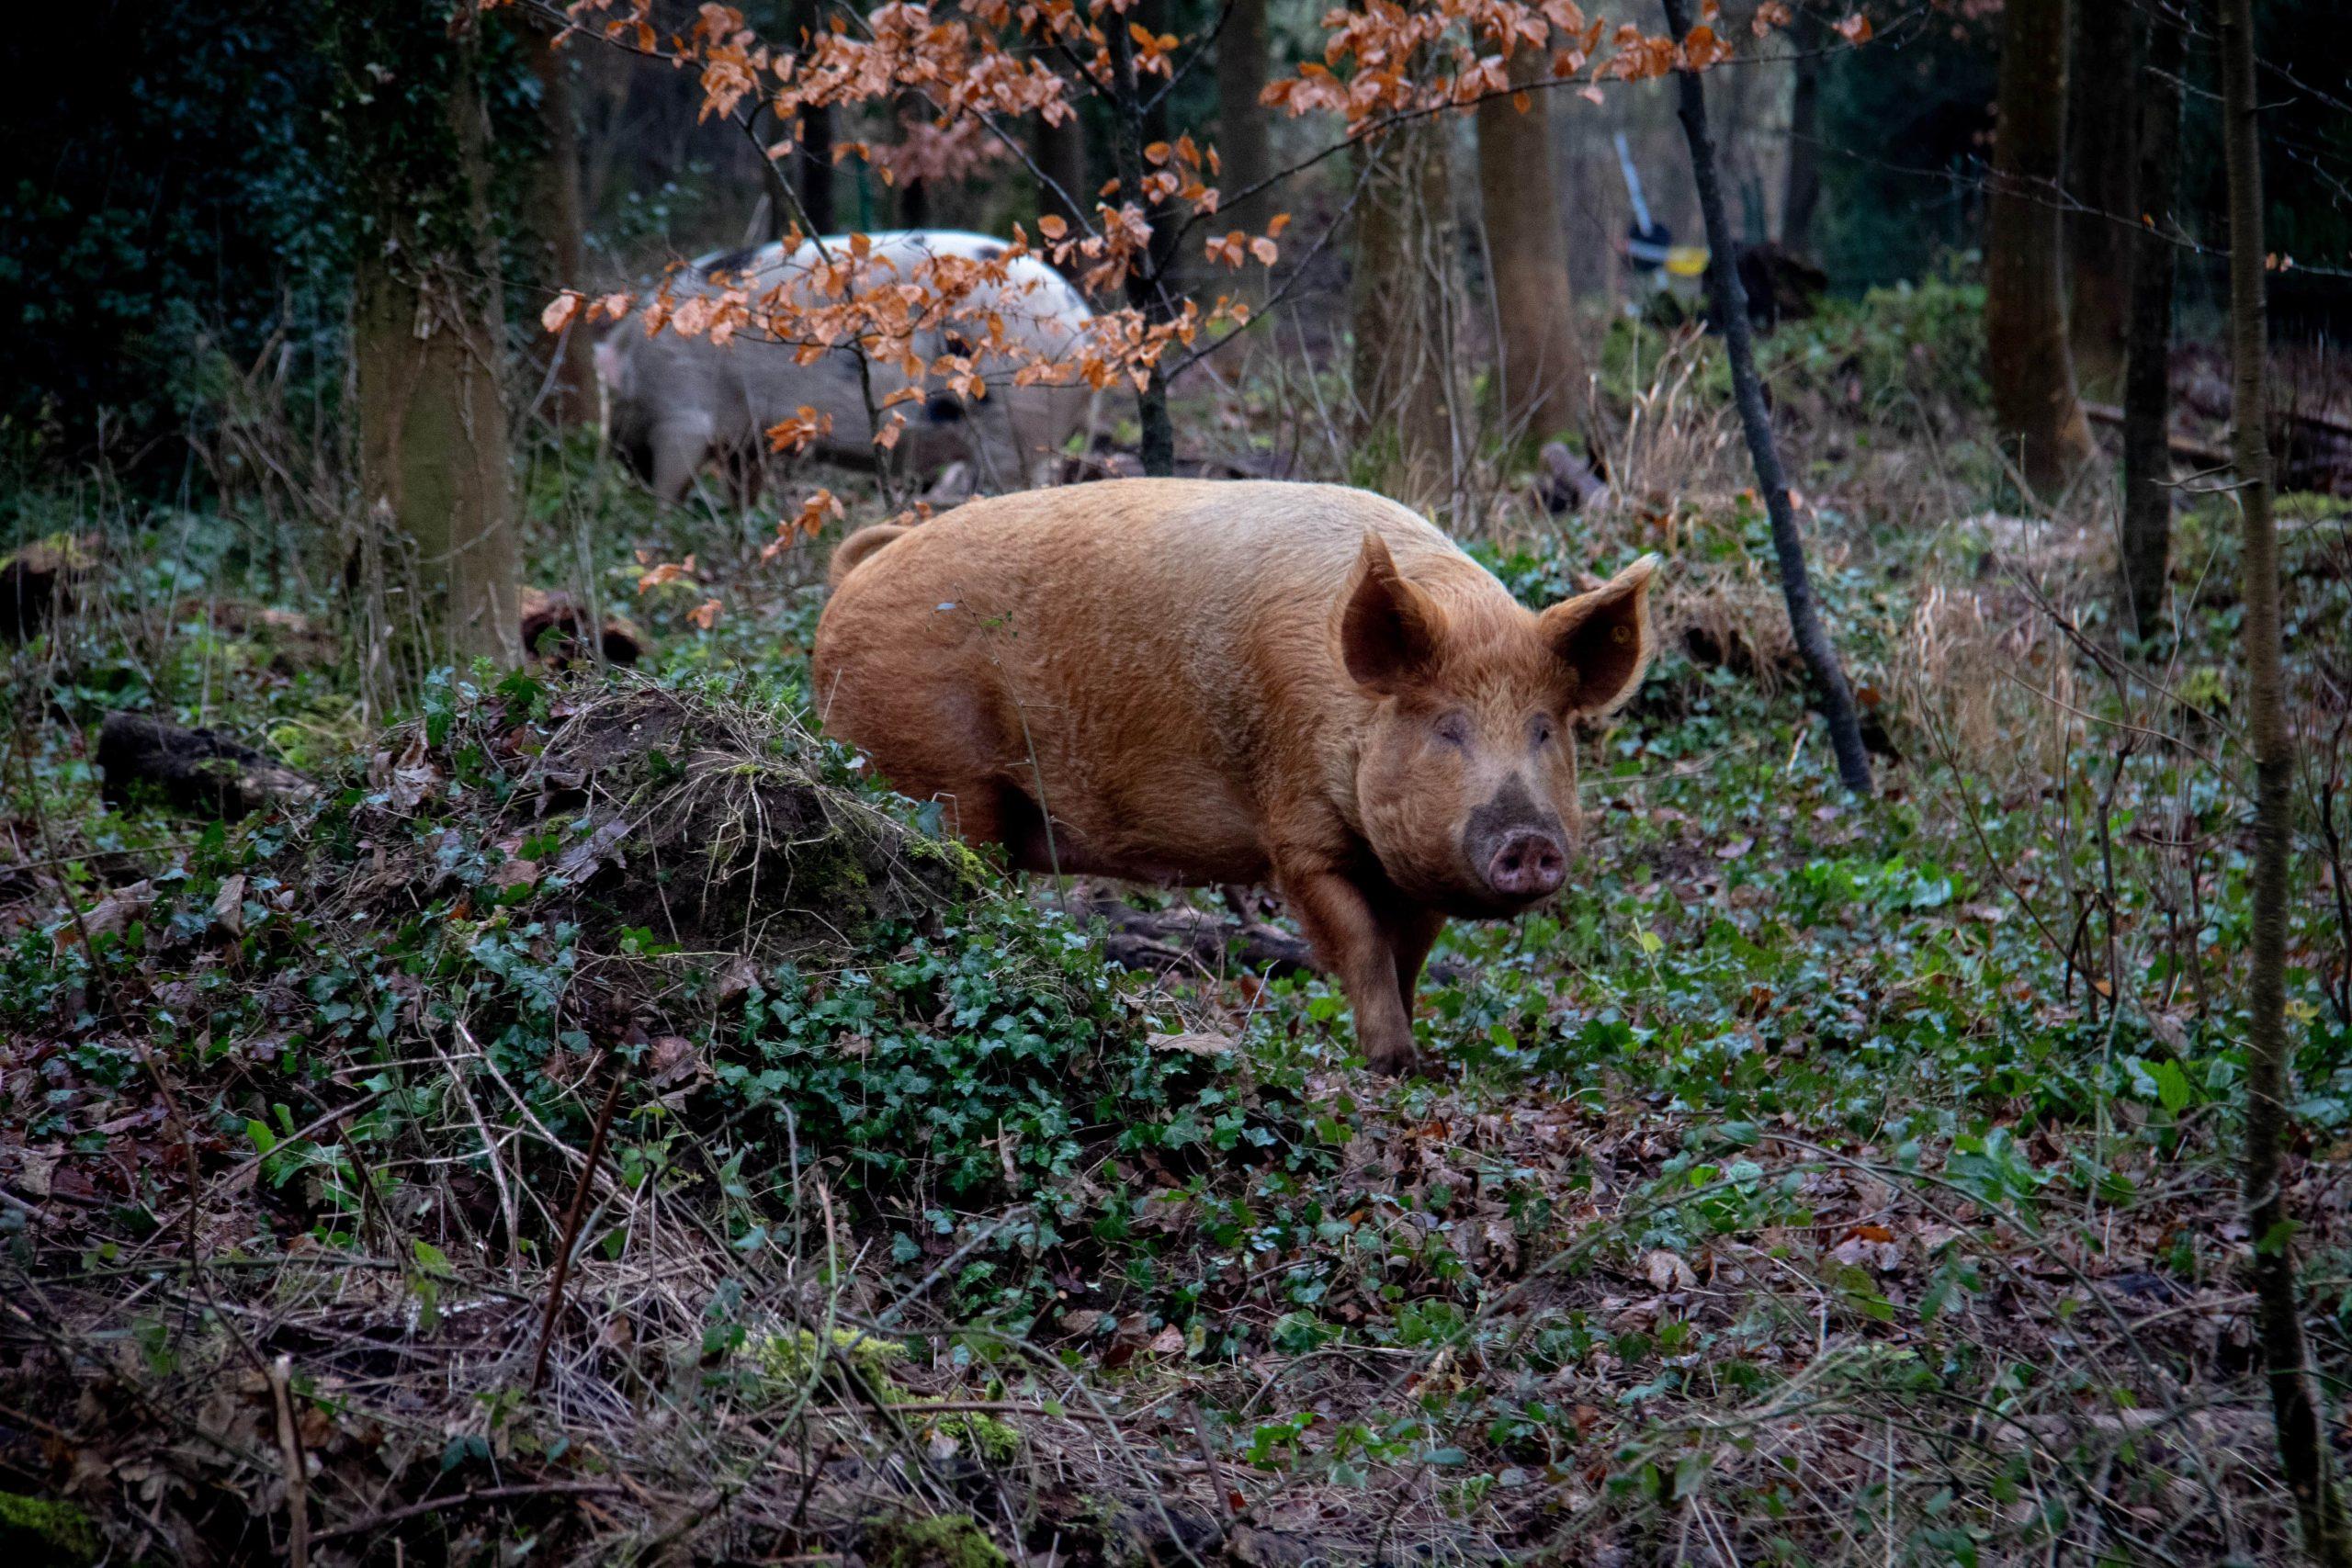 Peste porcine africaine: mesures de sortie de crise